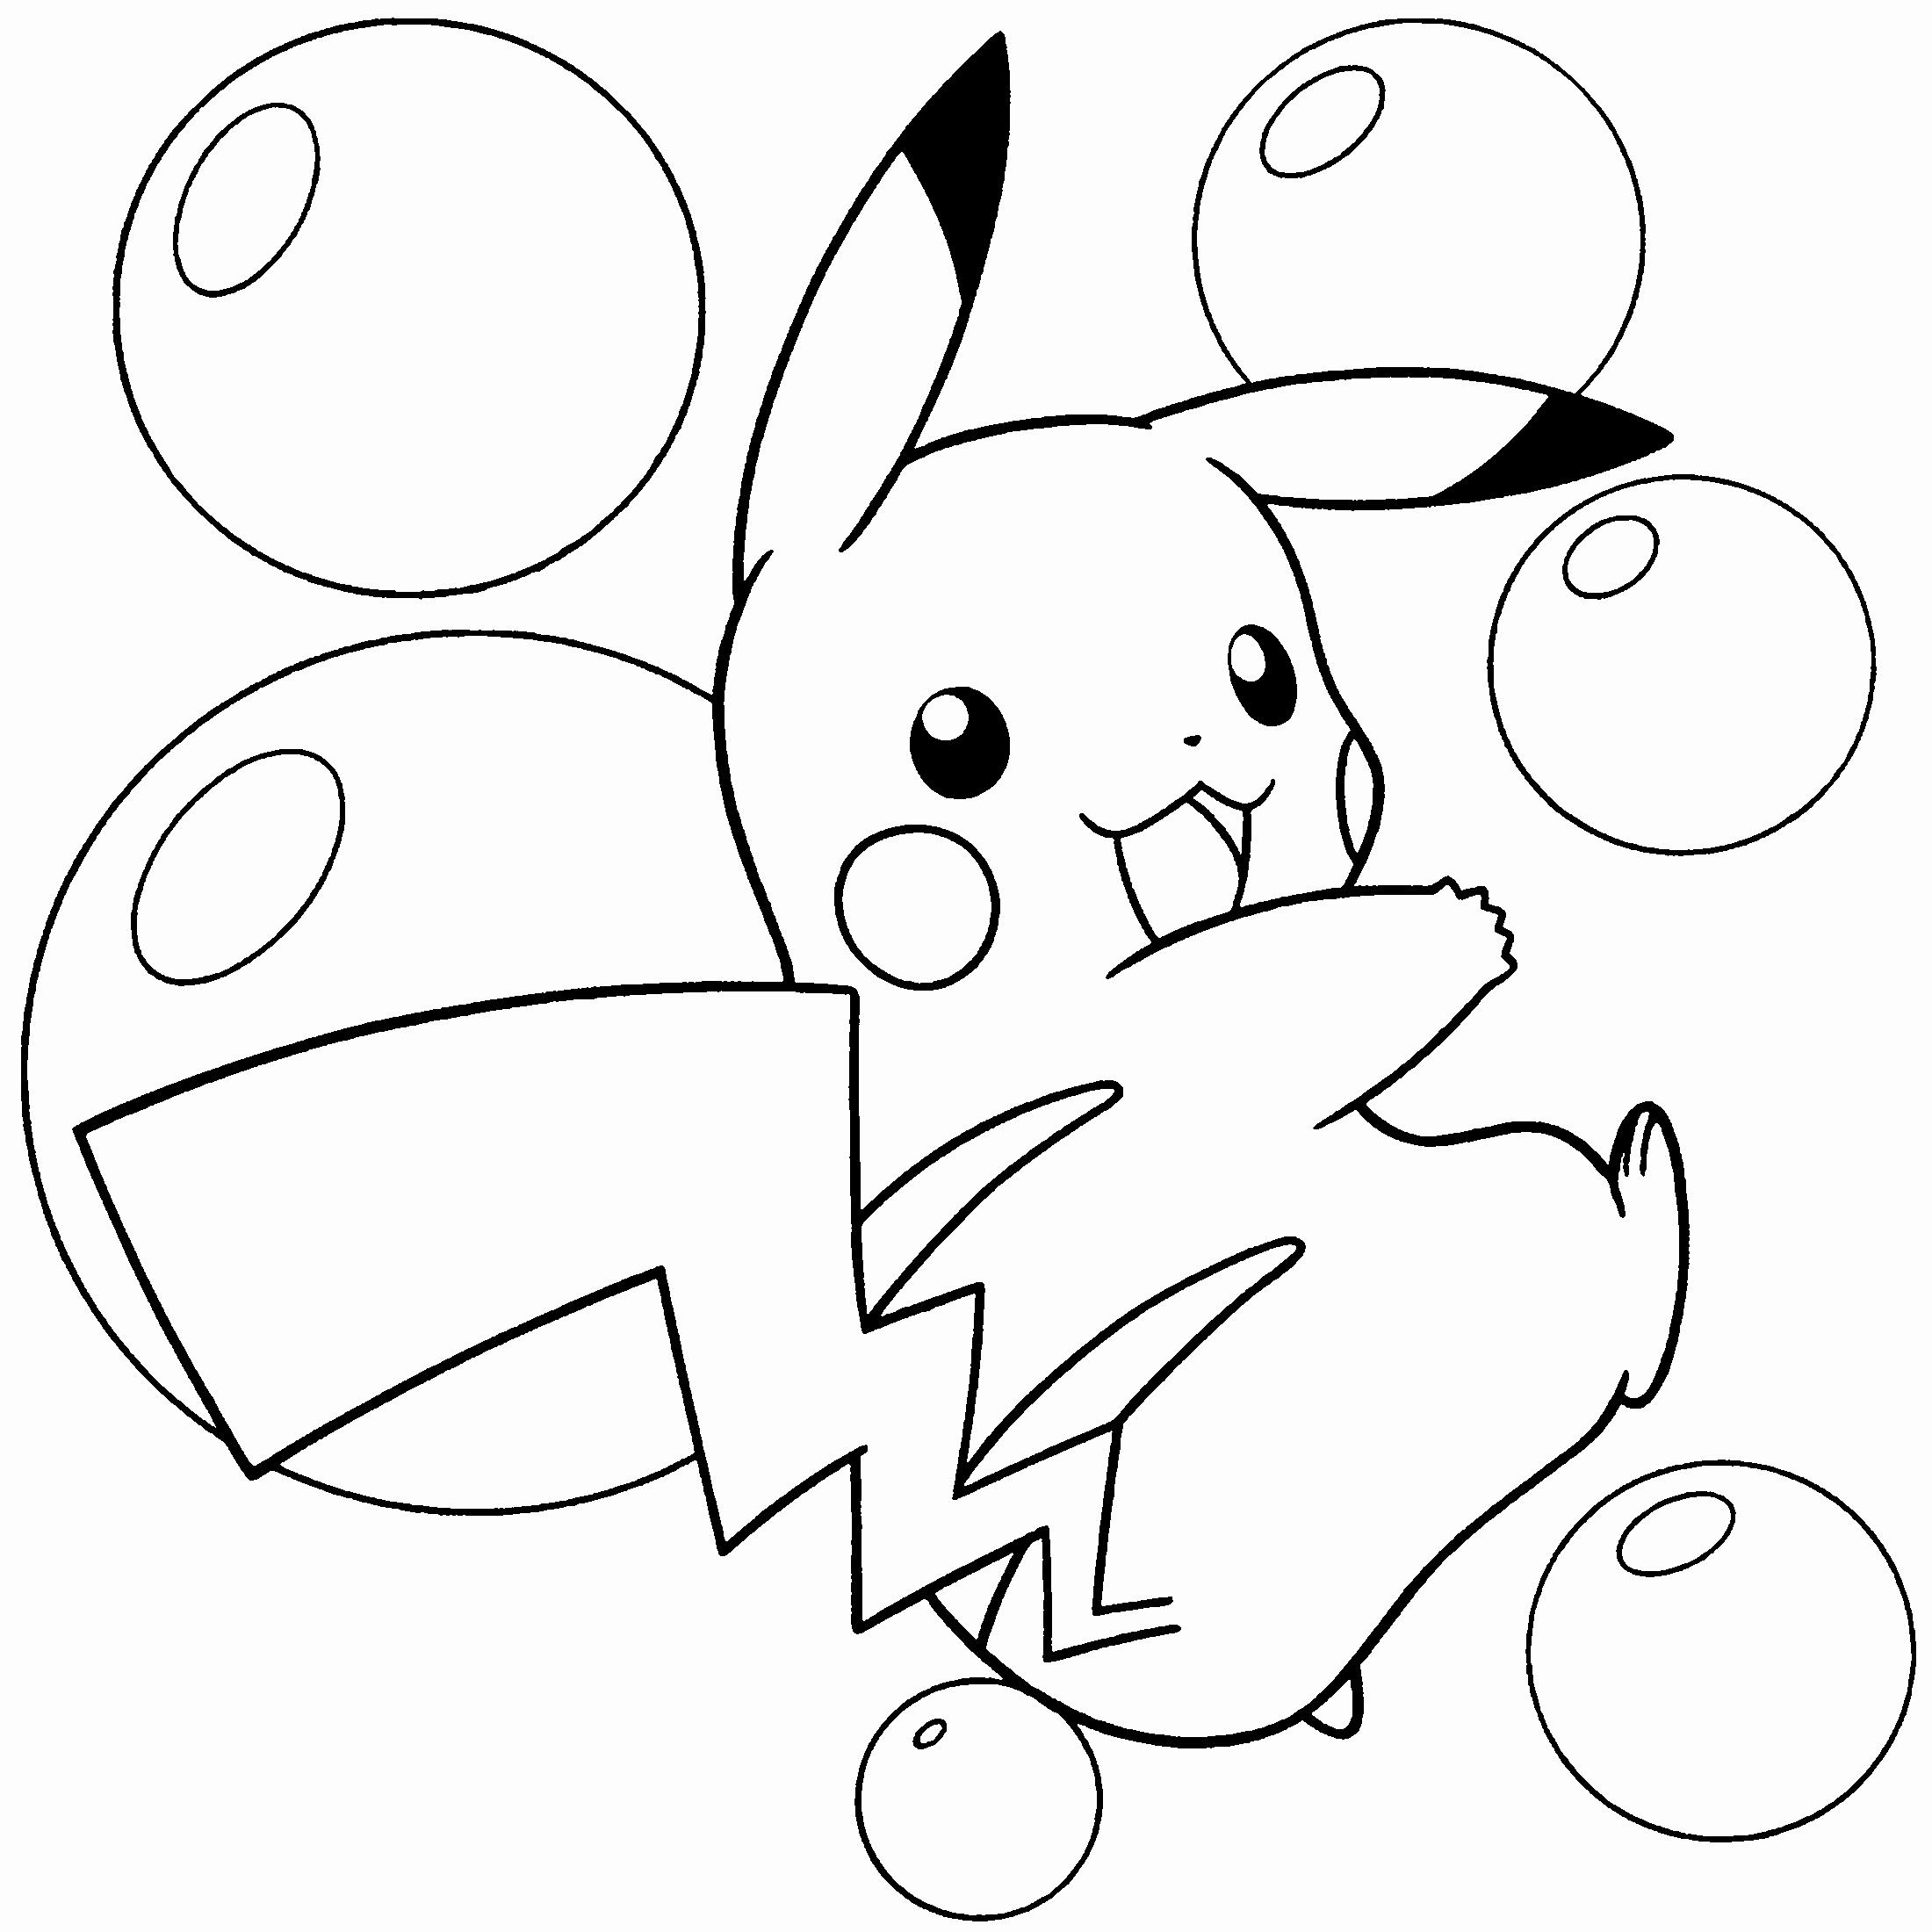 2200x2200 Pikachu Coloring Pages Luxury Unique Pokemon Coloring Pages